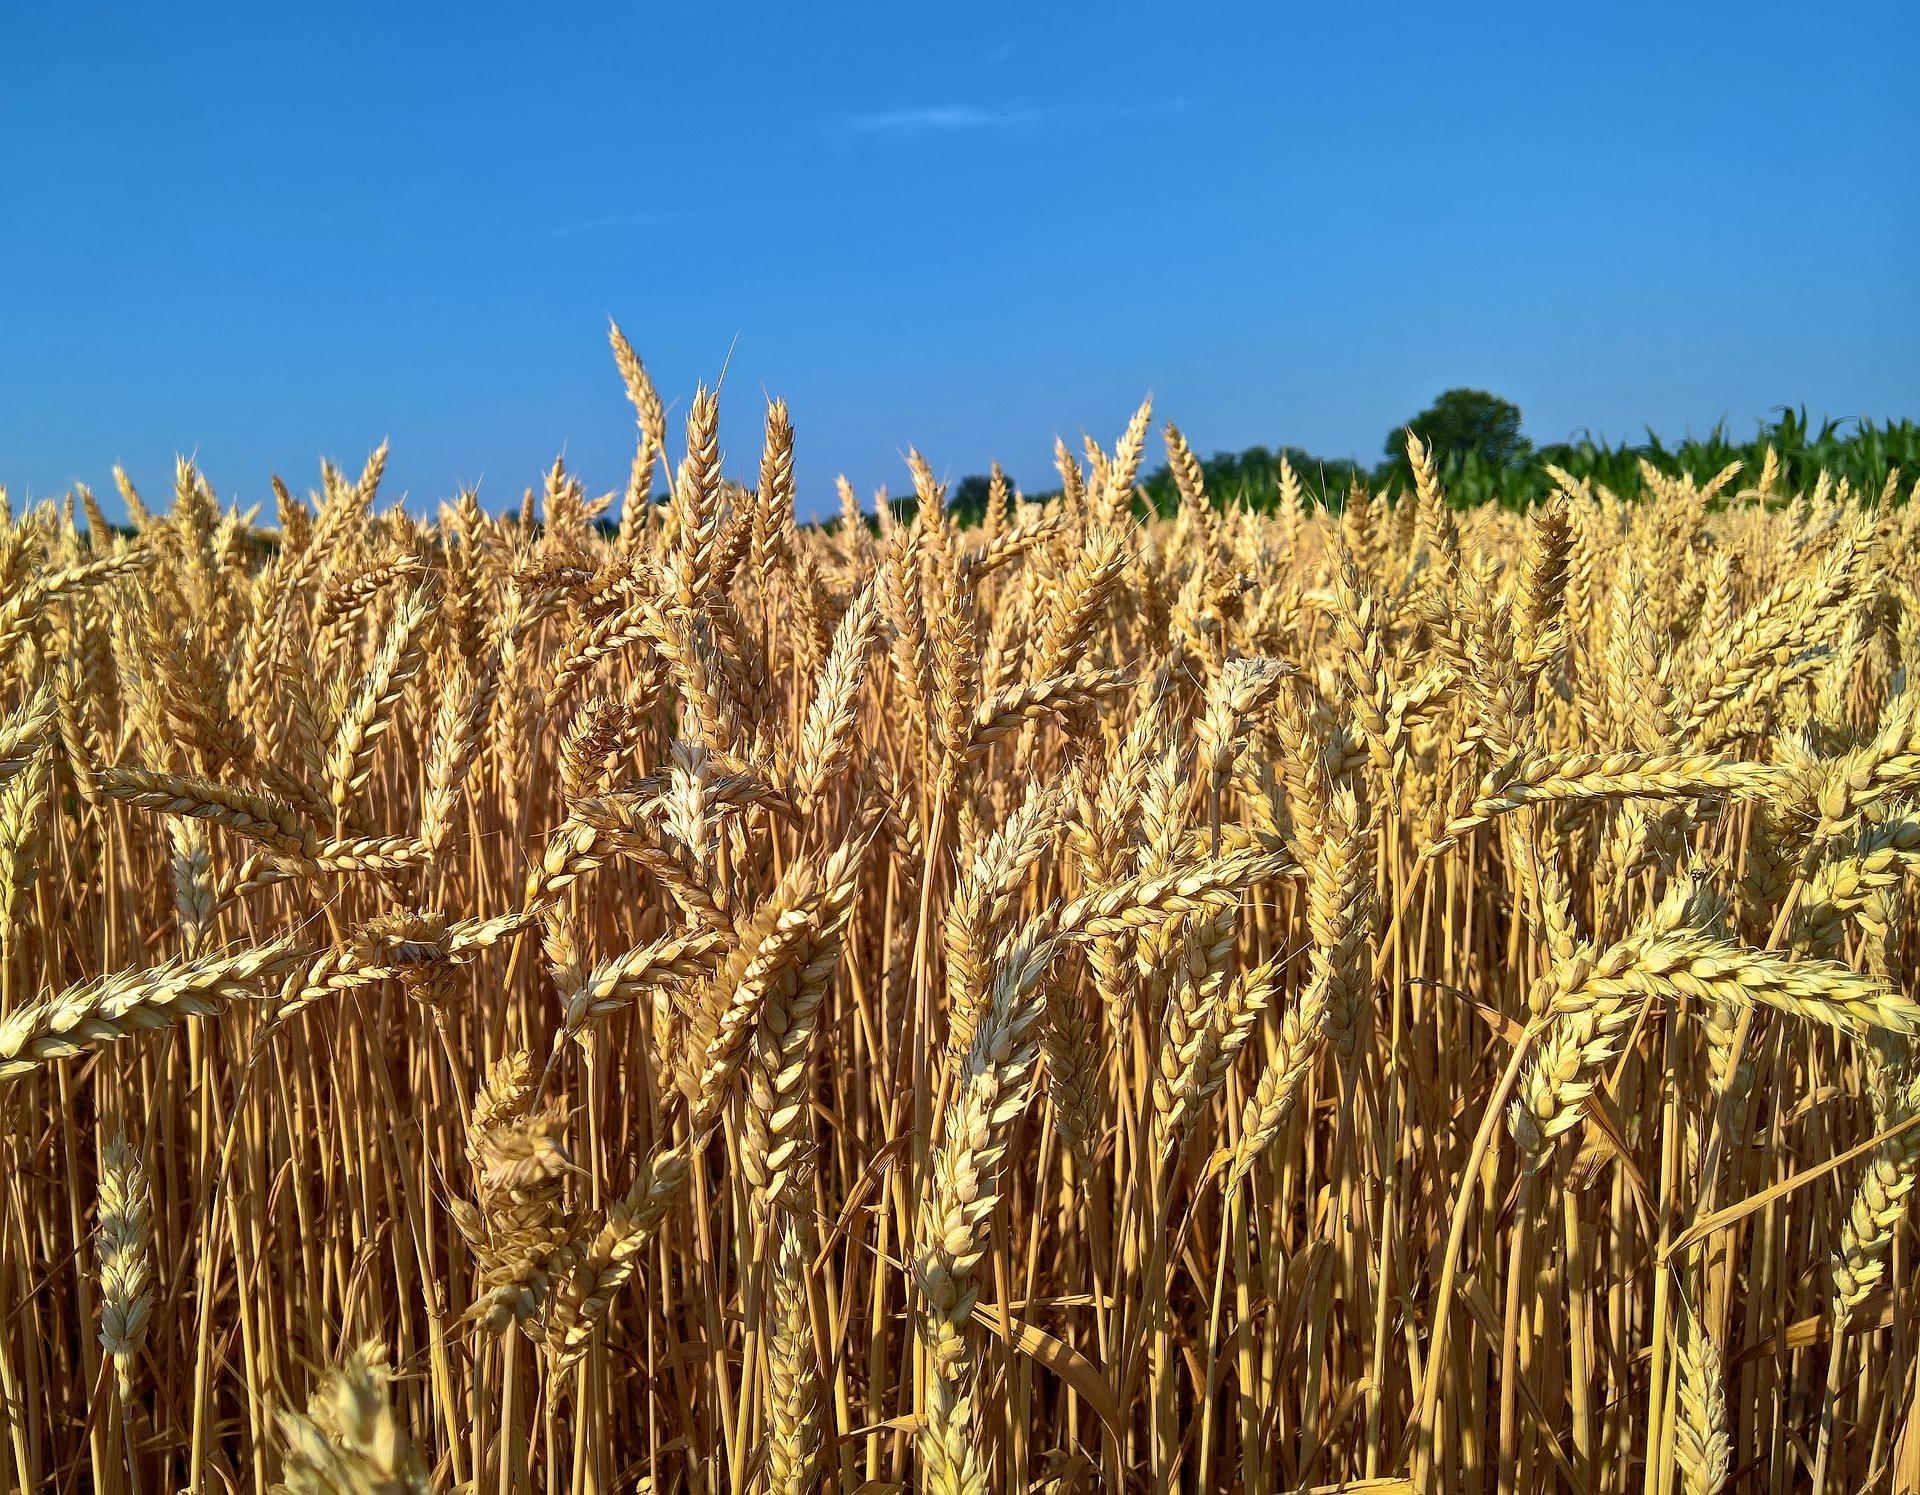 Bajo una nueva directiva de la UE, los combustibles basados en bioetanol —que se fabrican mediante fermentación de biomasa— deben ahorrar un 70 % de emisiones de GEI en comparación con los homólogos fósiles a partir de 2021.